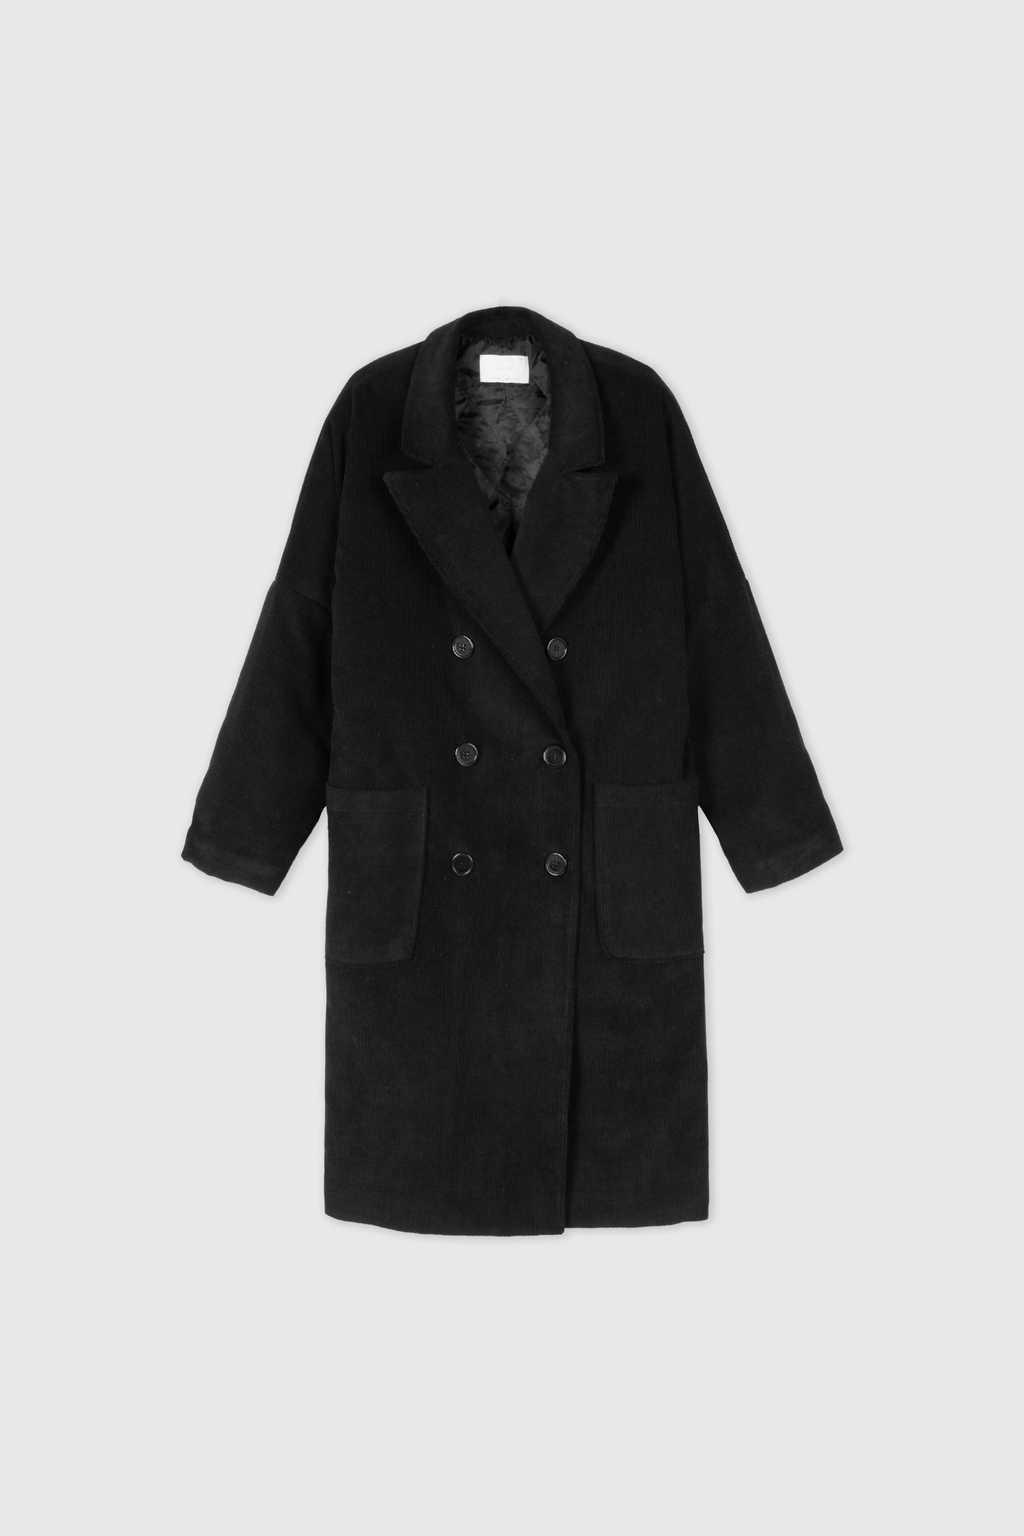 Coat J004 Black 8